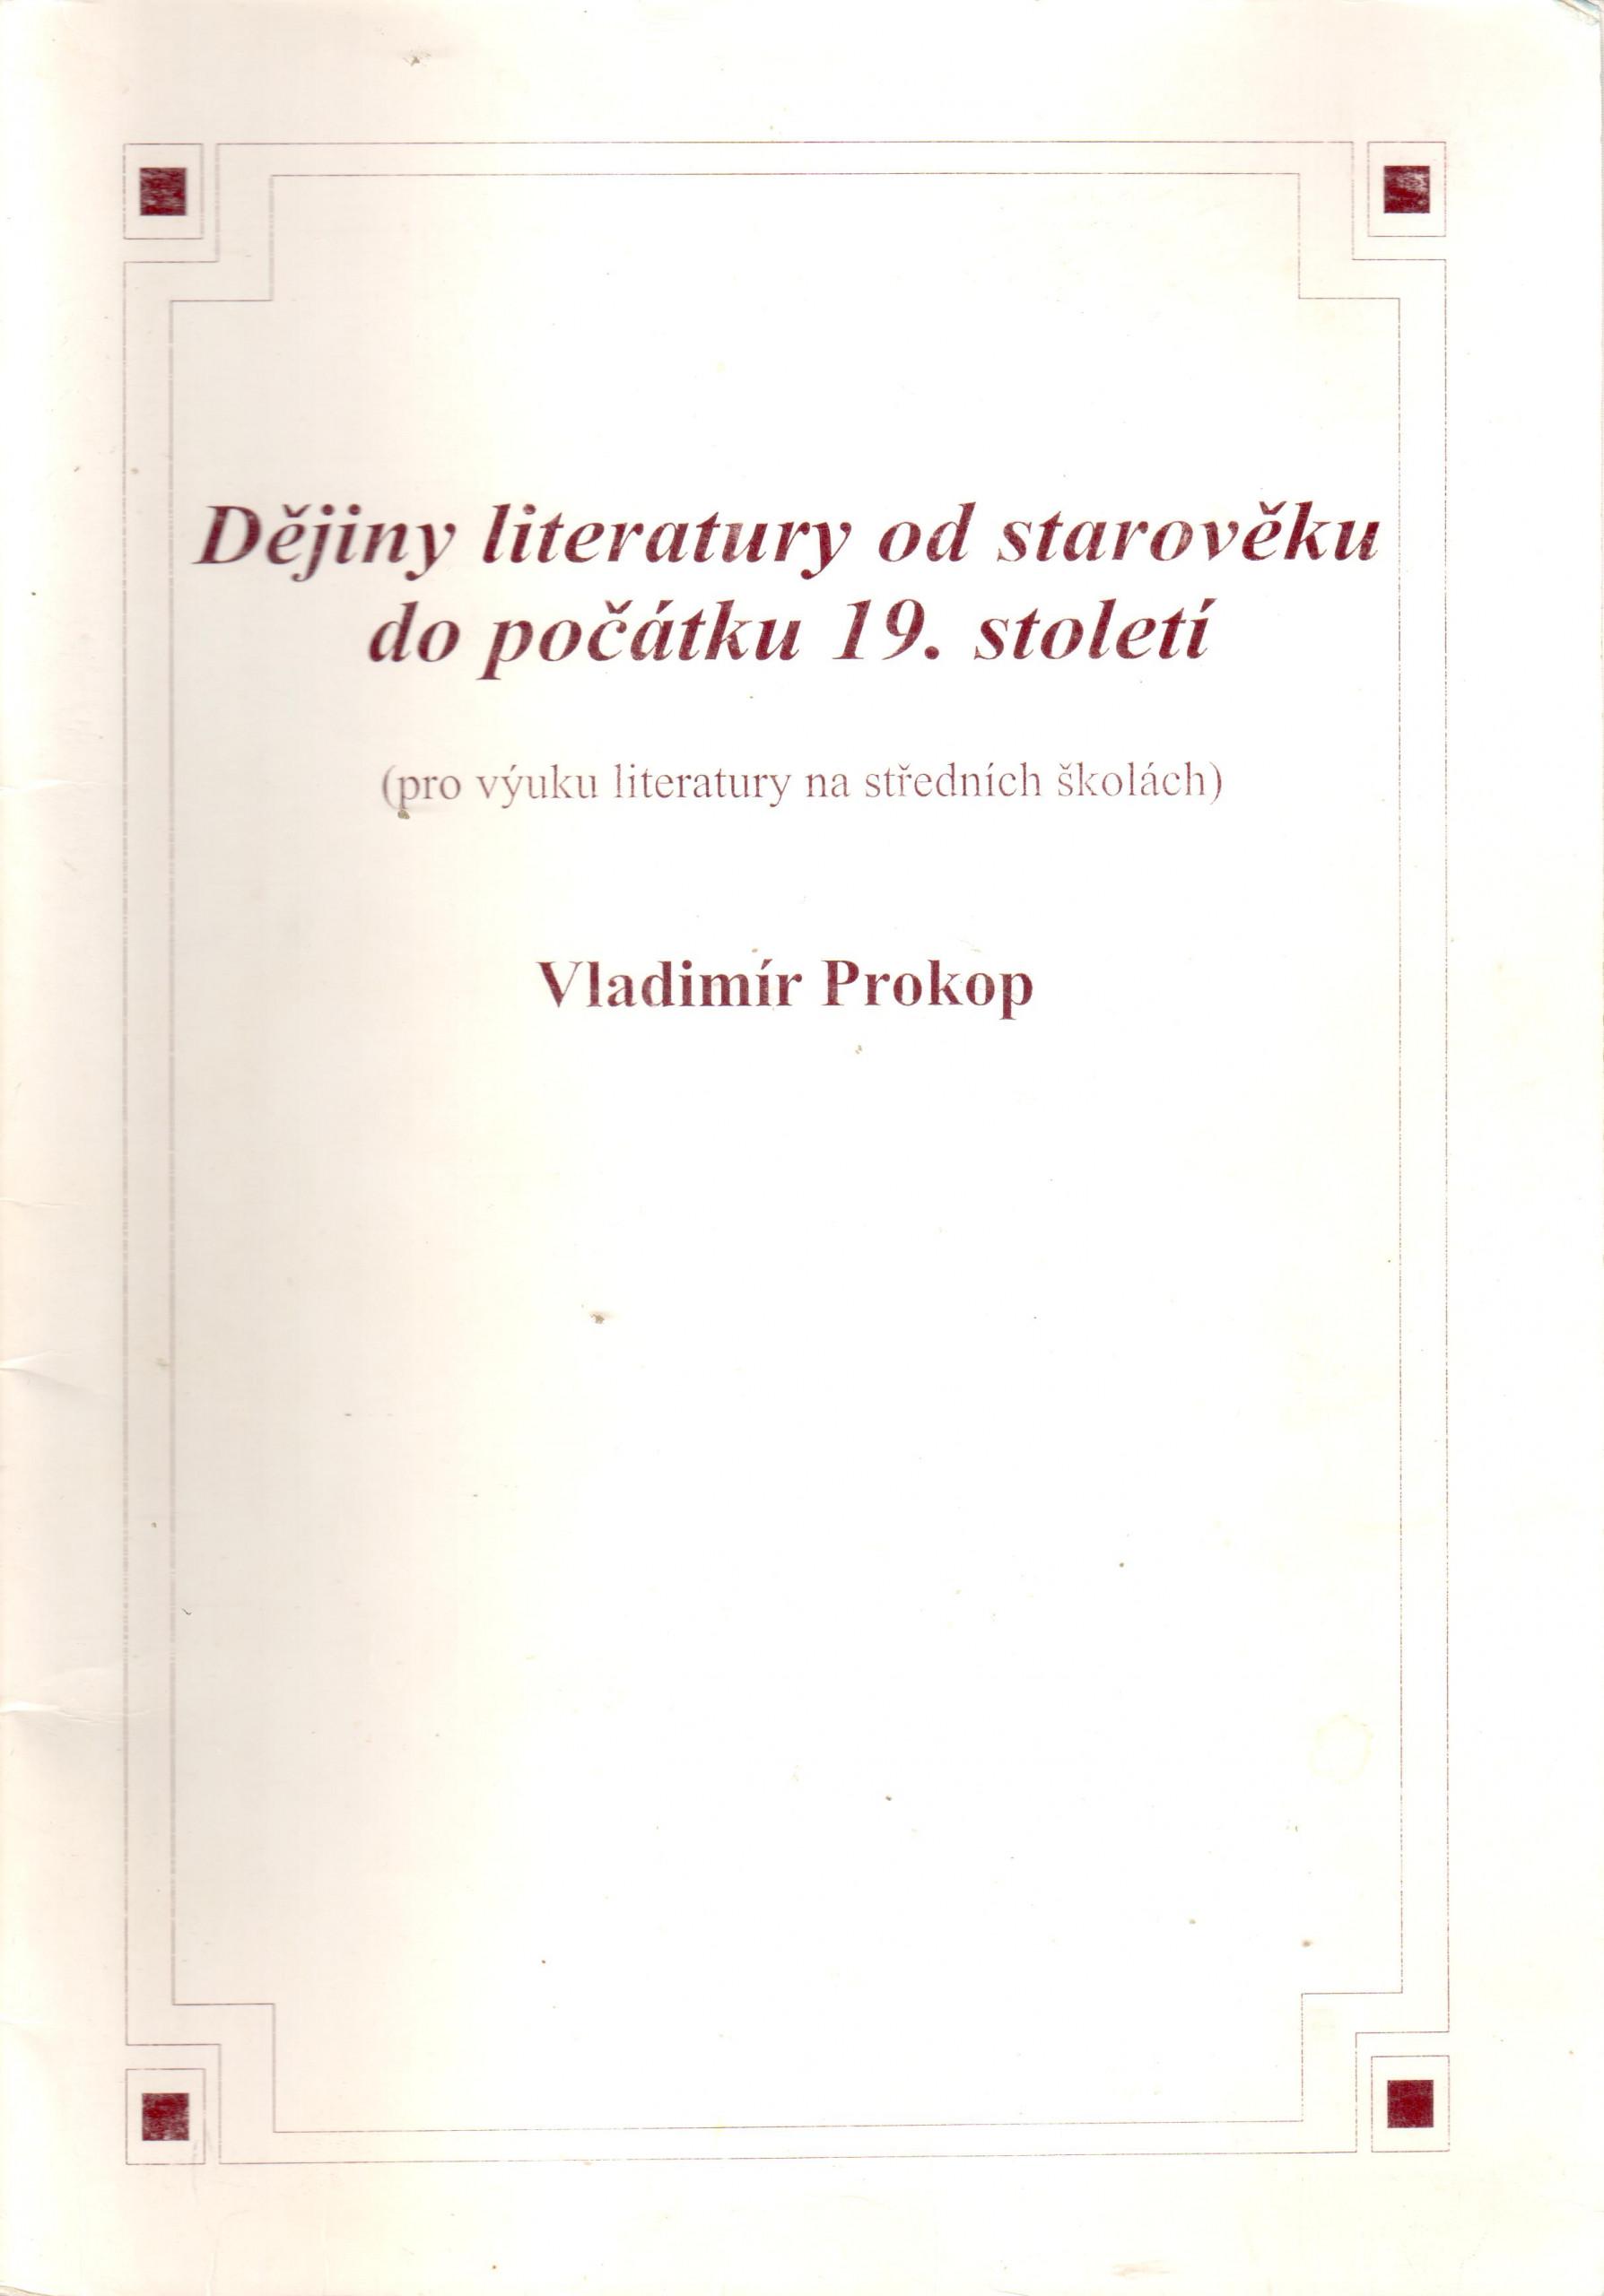 Dějiny literatury od starověku do počátku 19. století (pro výuku literatury na středních školách) - Náhled učebnice